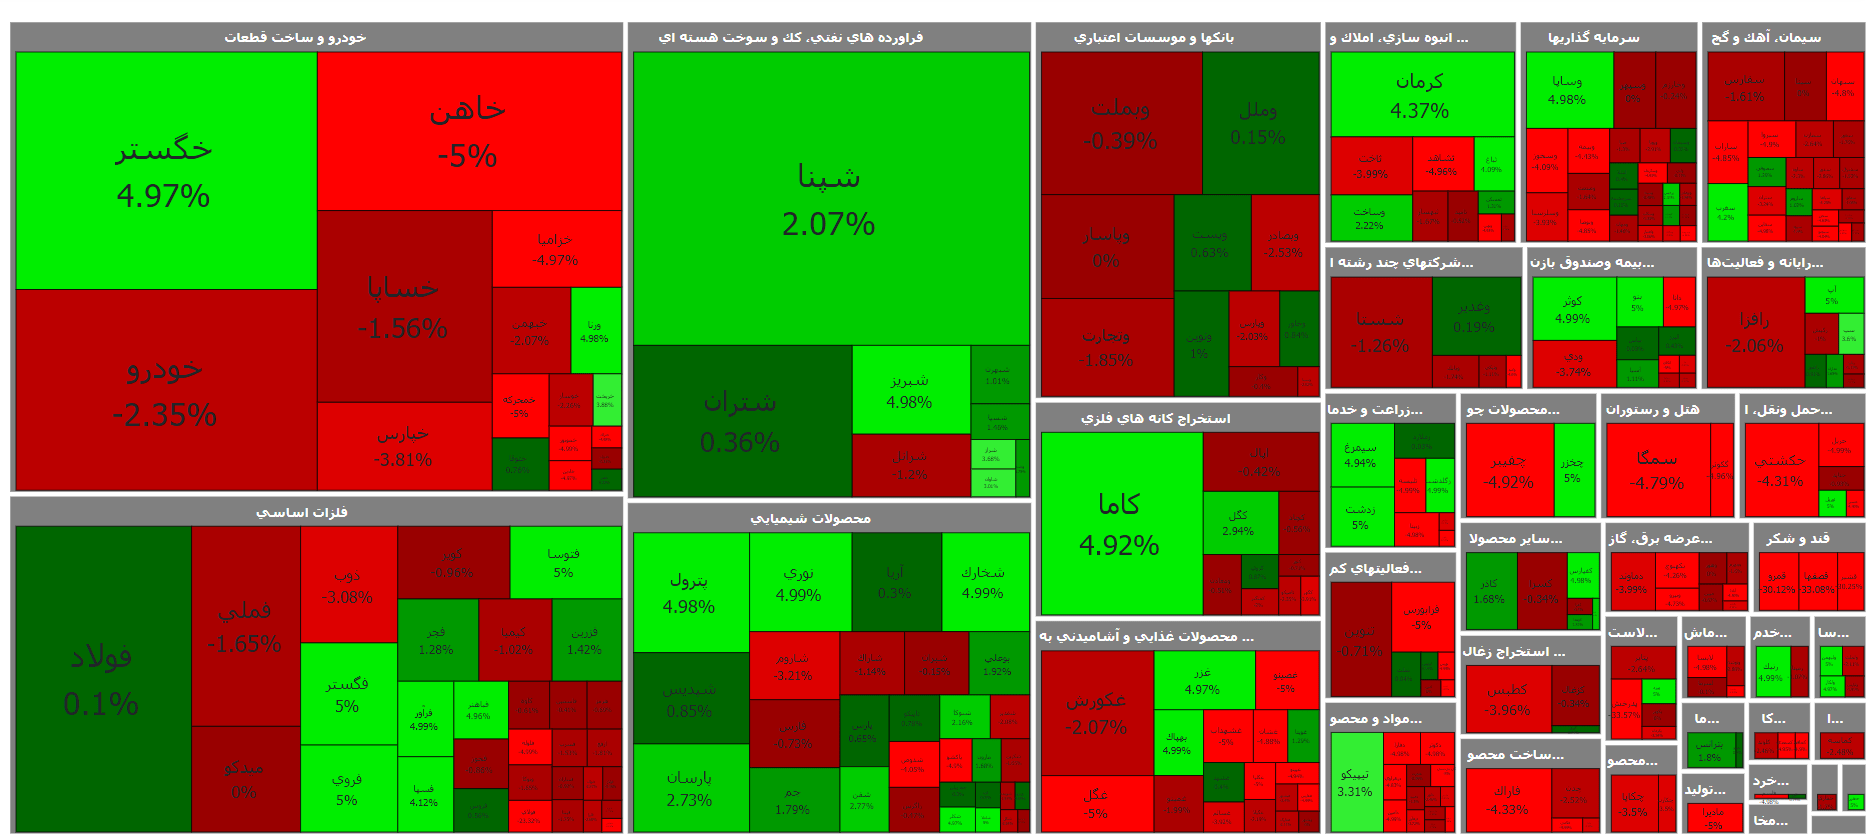 نمای بازار بورس نقشه بازار بورس